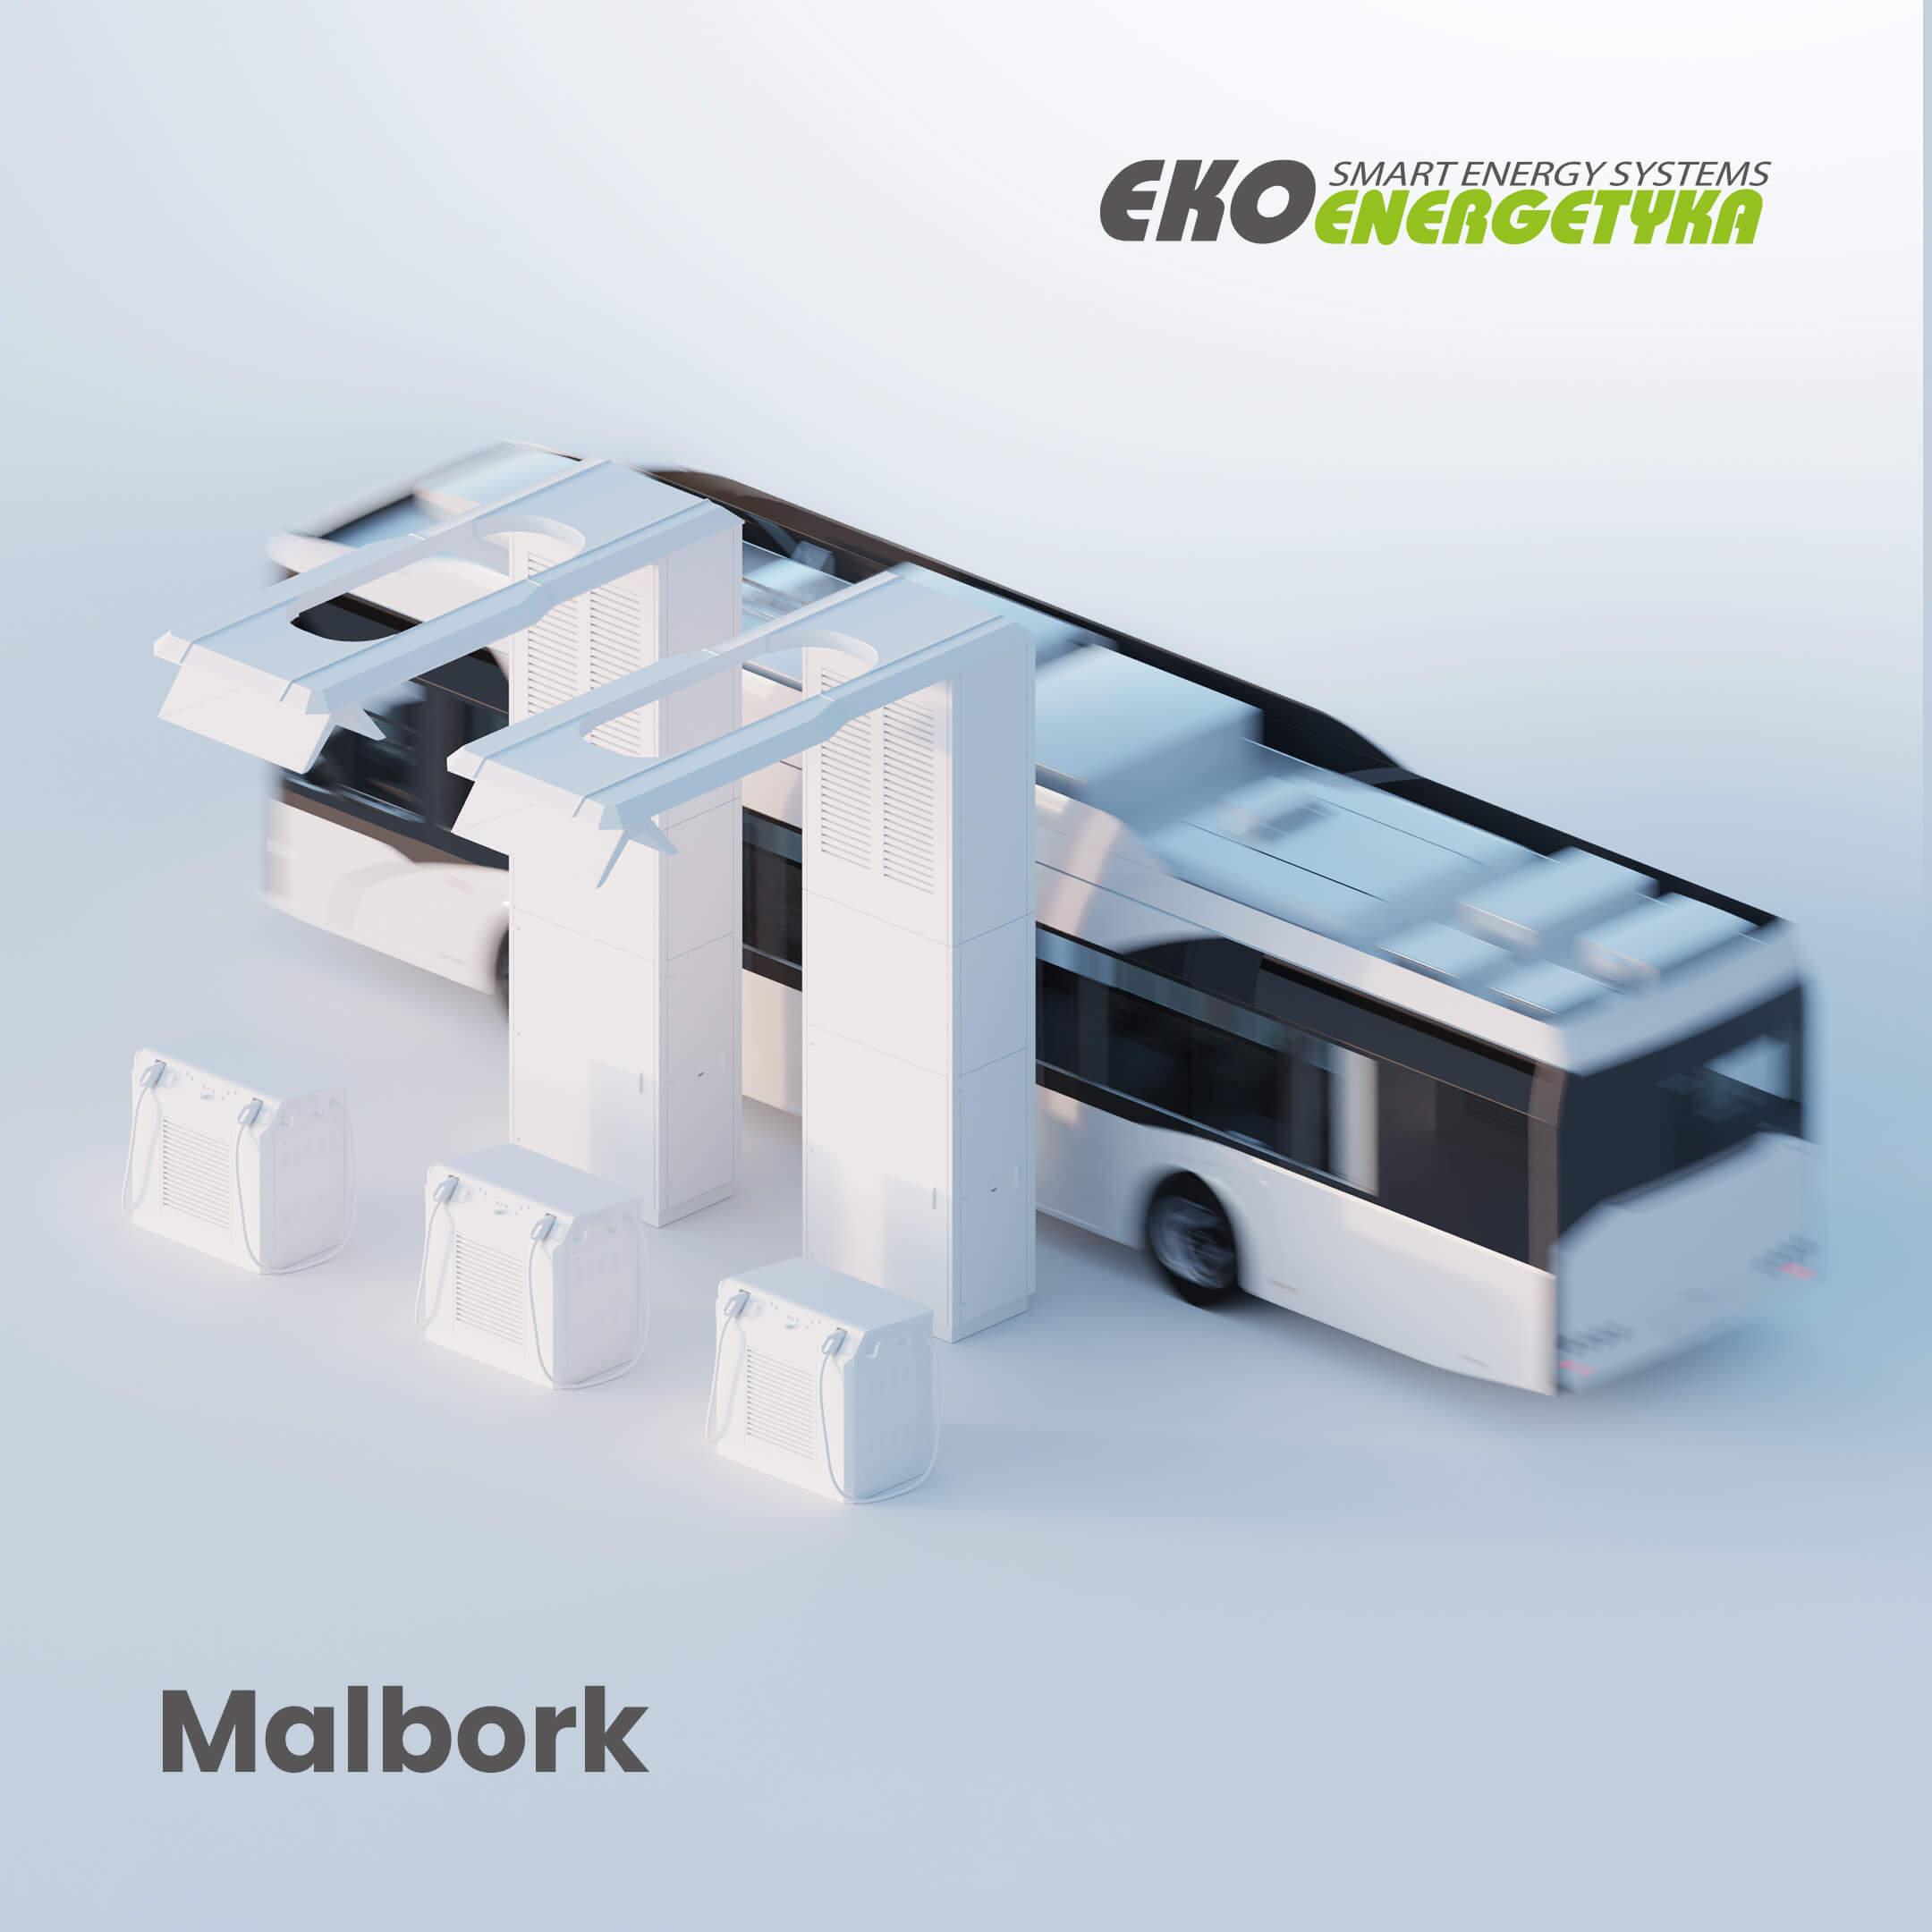 Infrastruktura ładowania Ekoenergetyki wMalborku